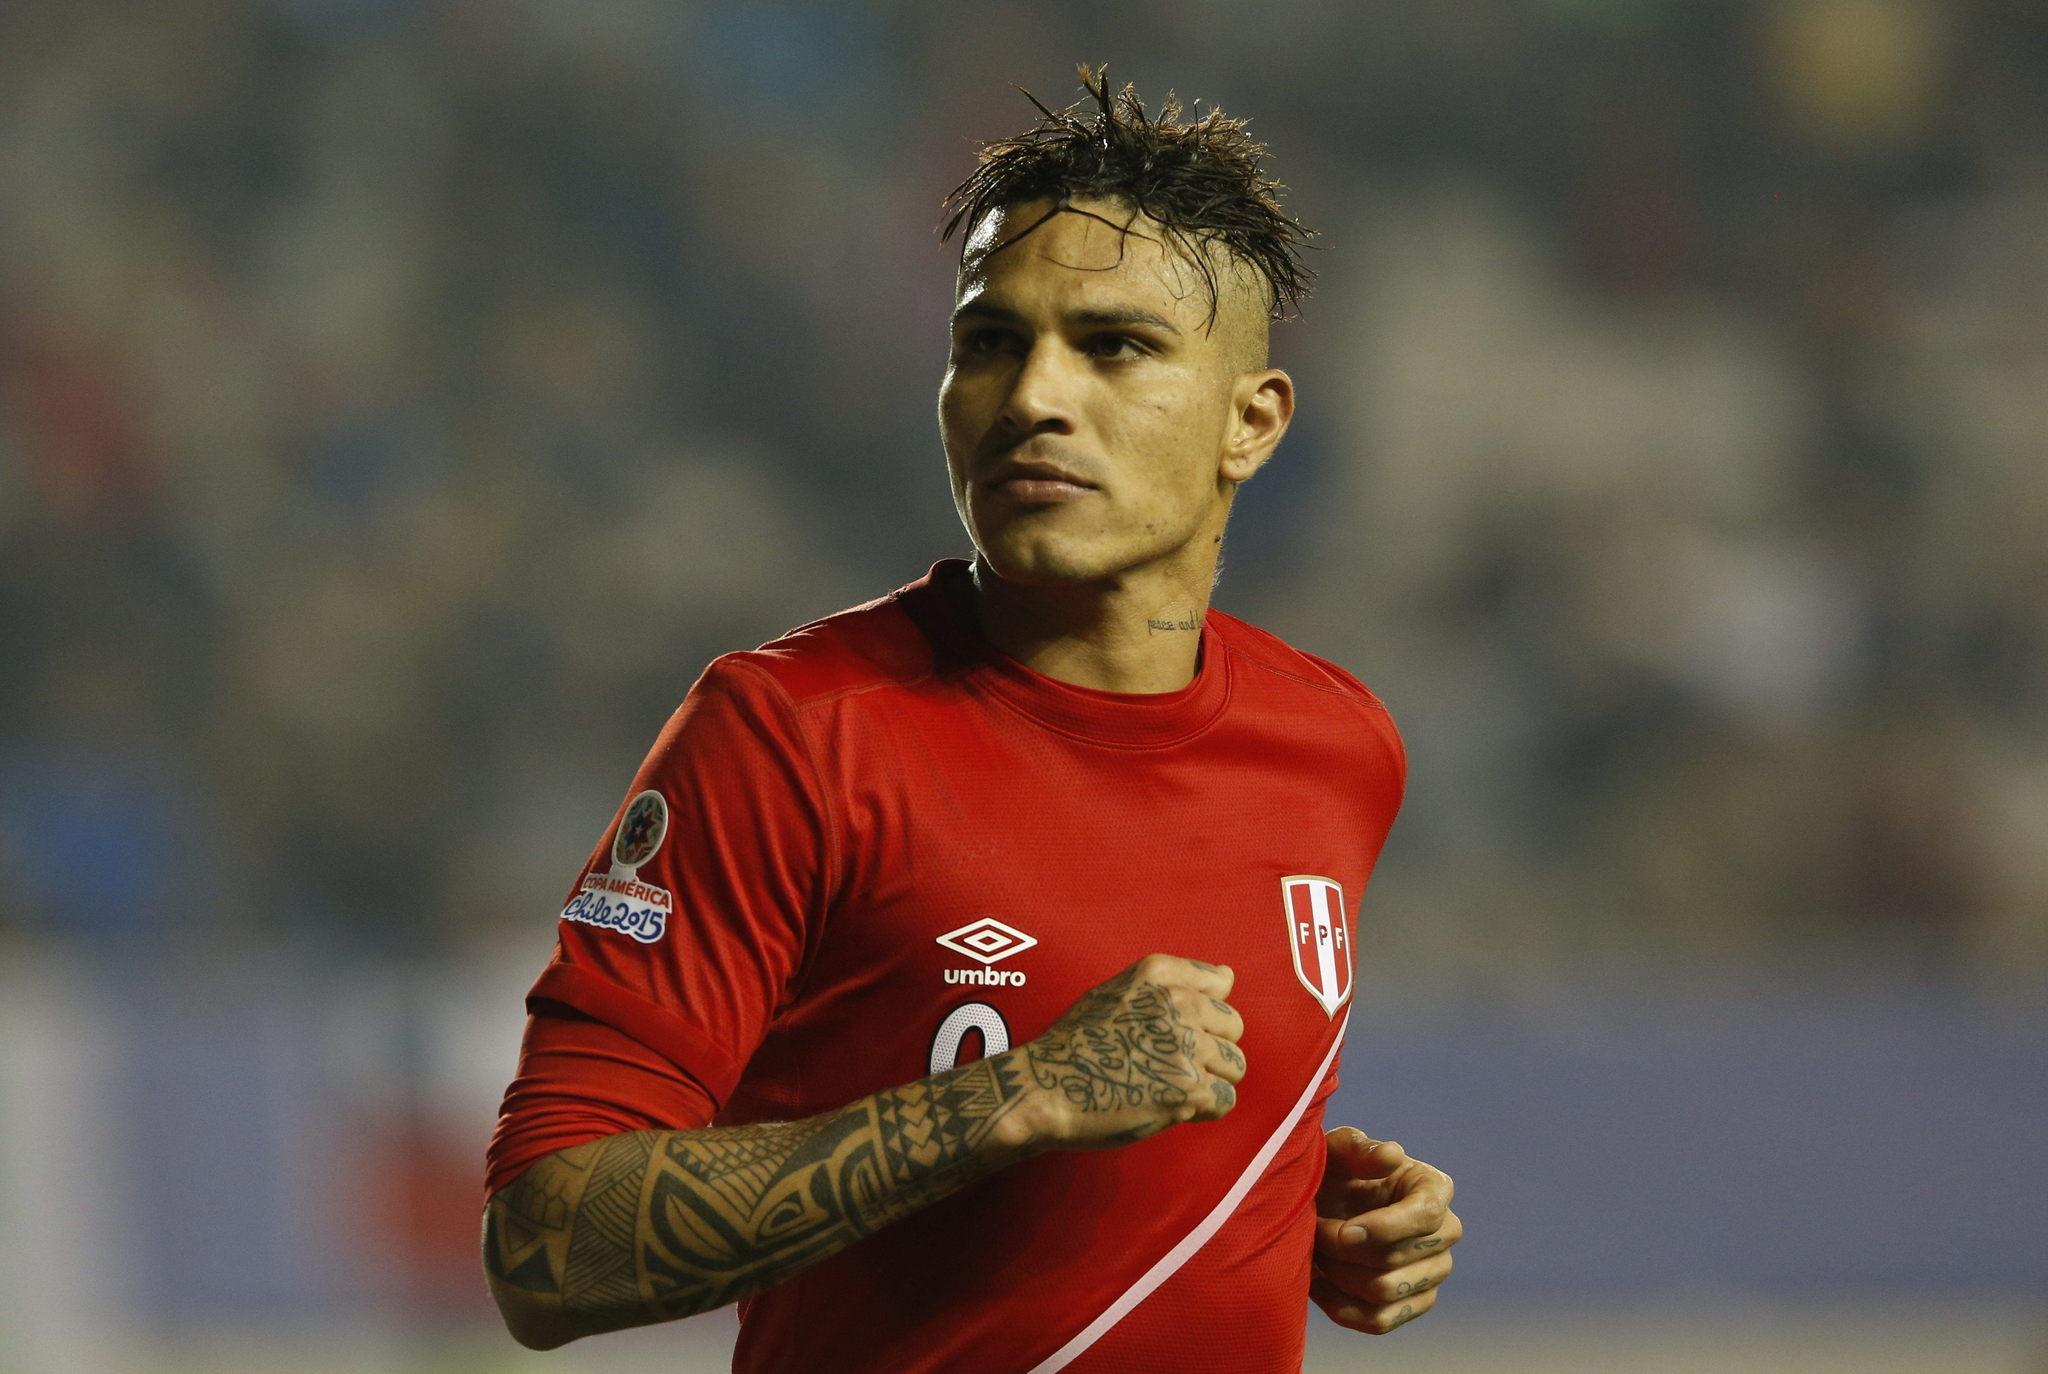 Guerrero Paolo